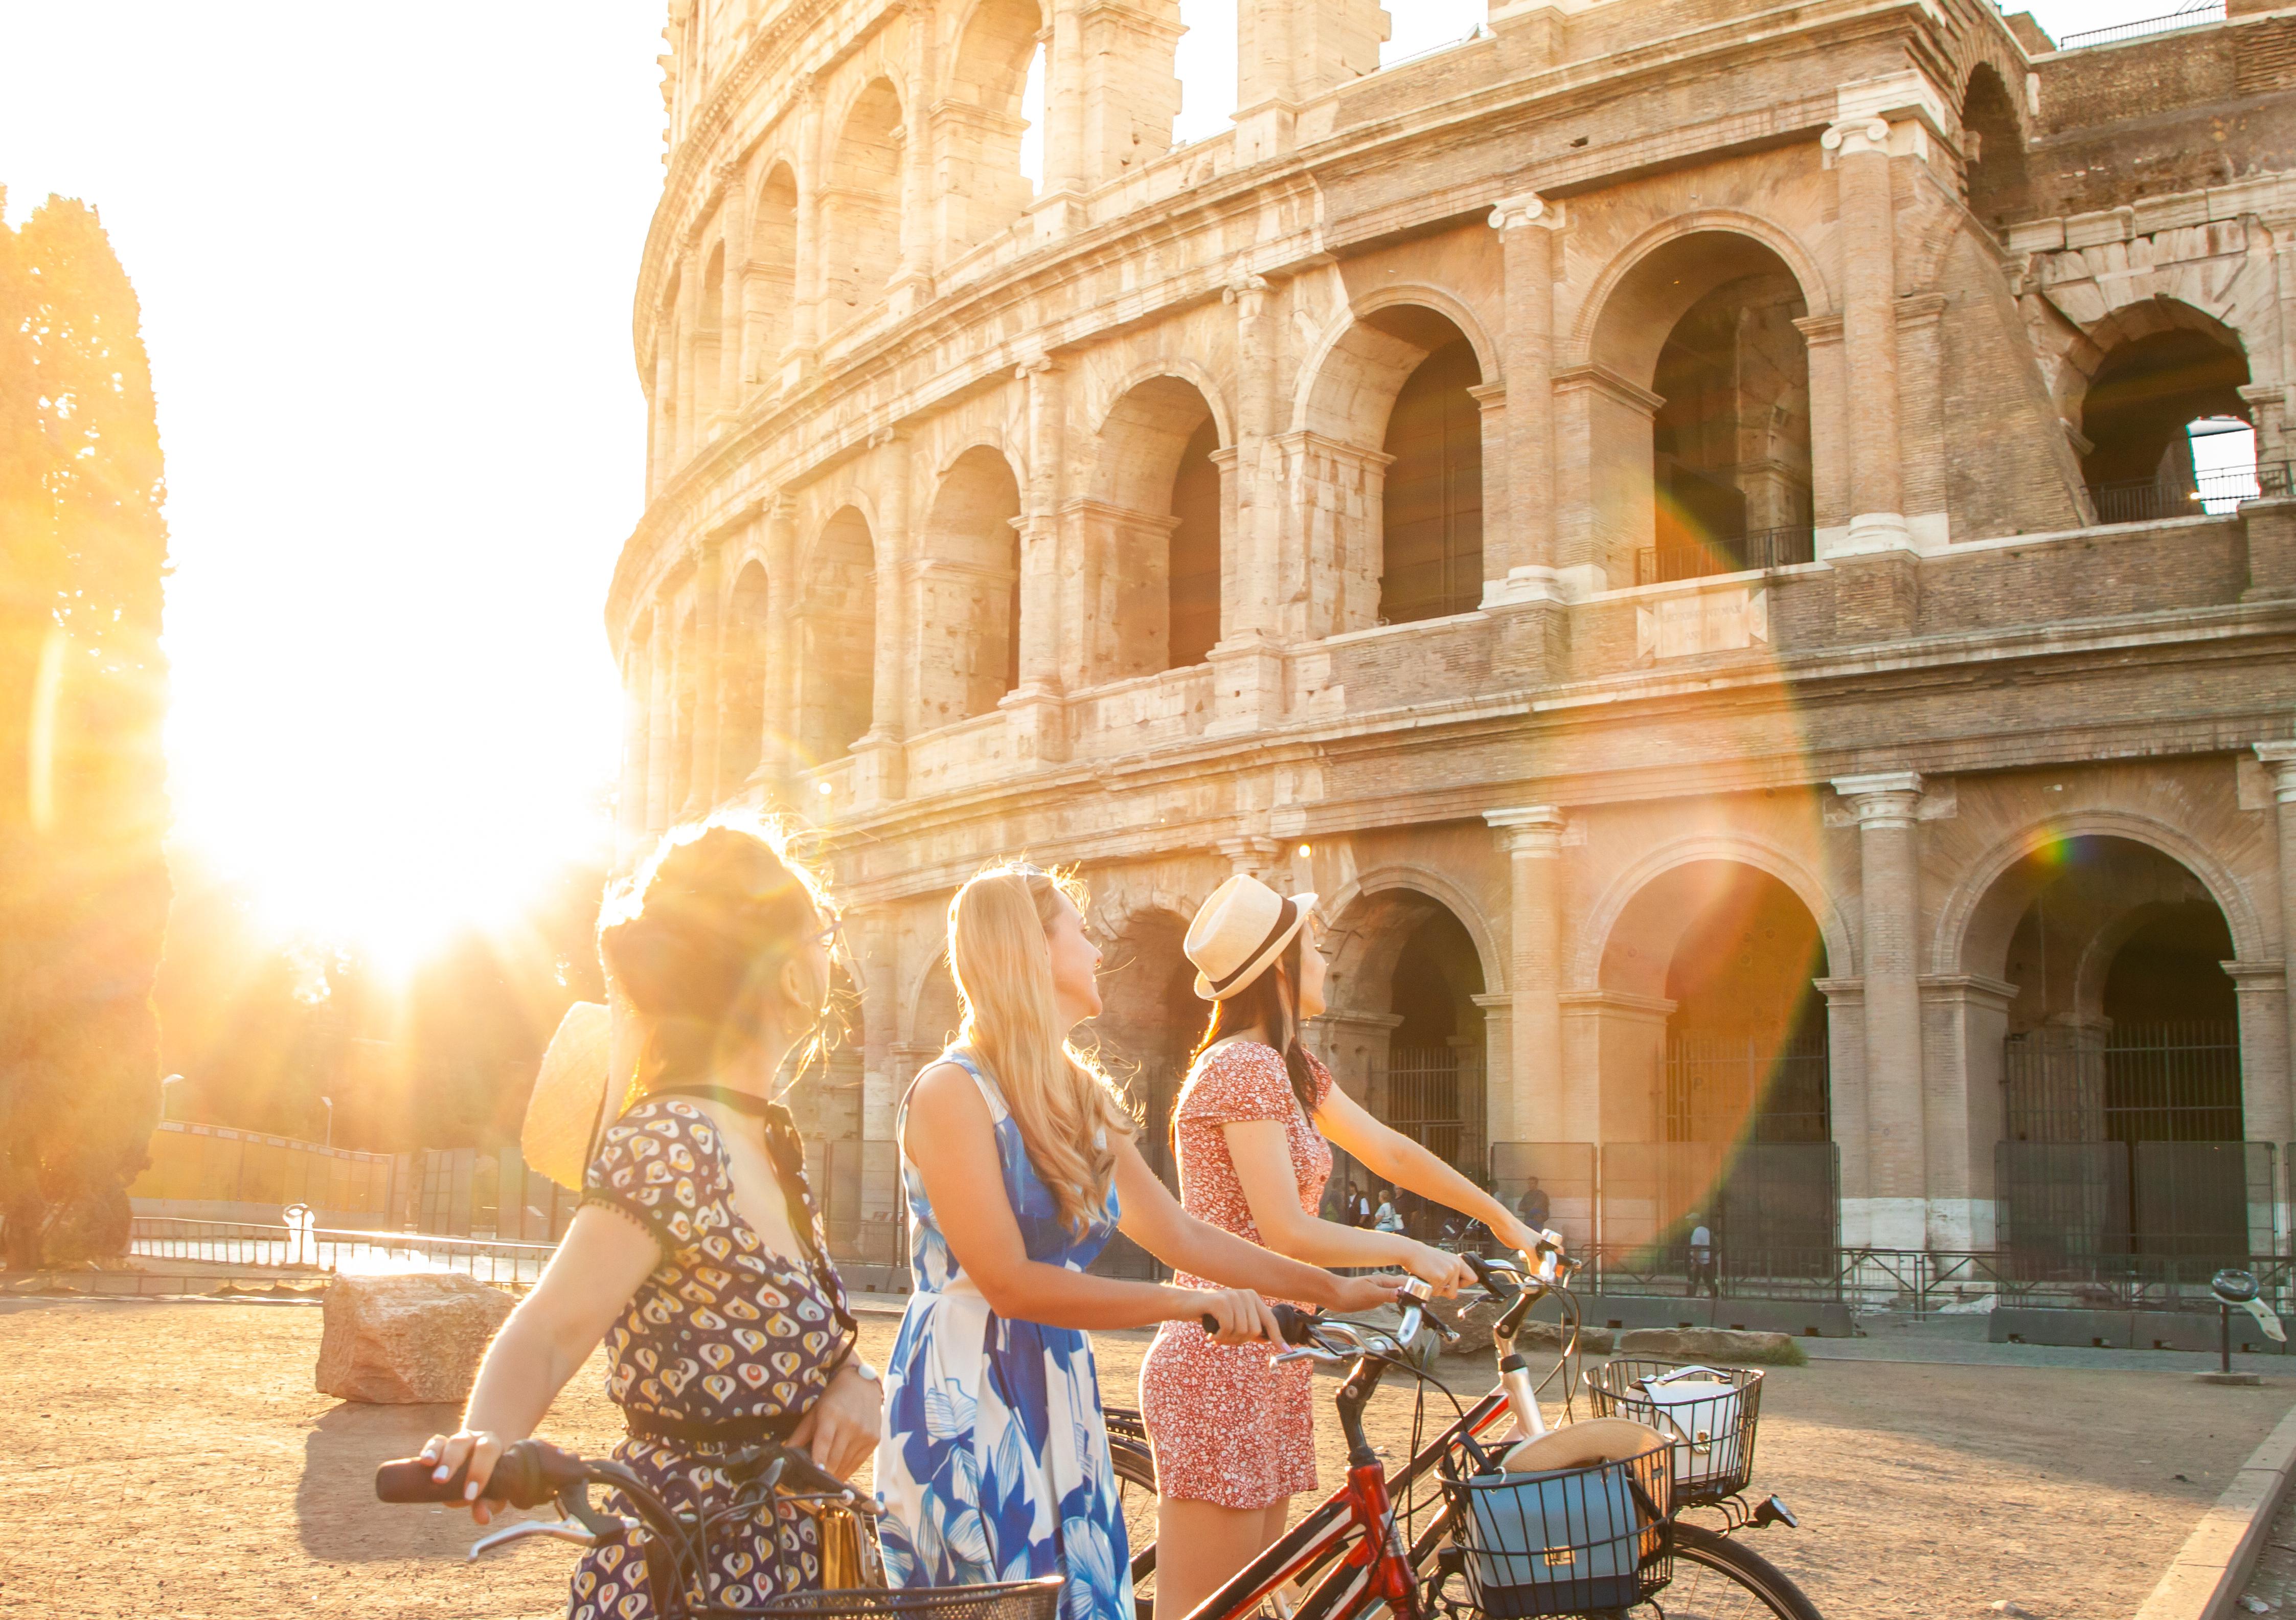 paseo en bici durante las vacaciones en roma